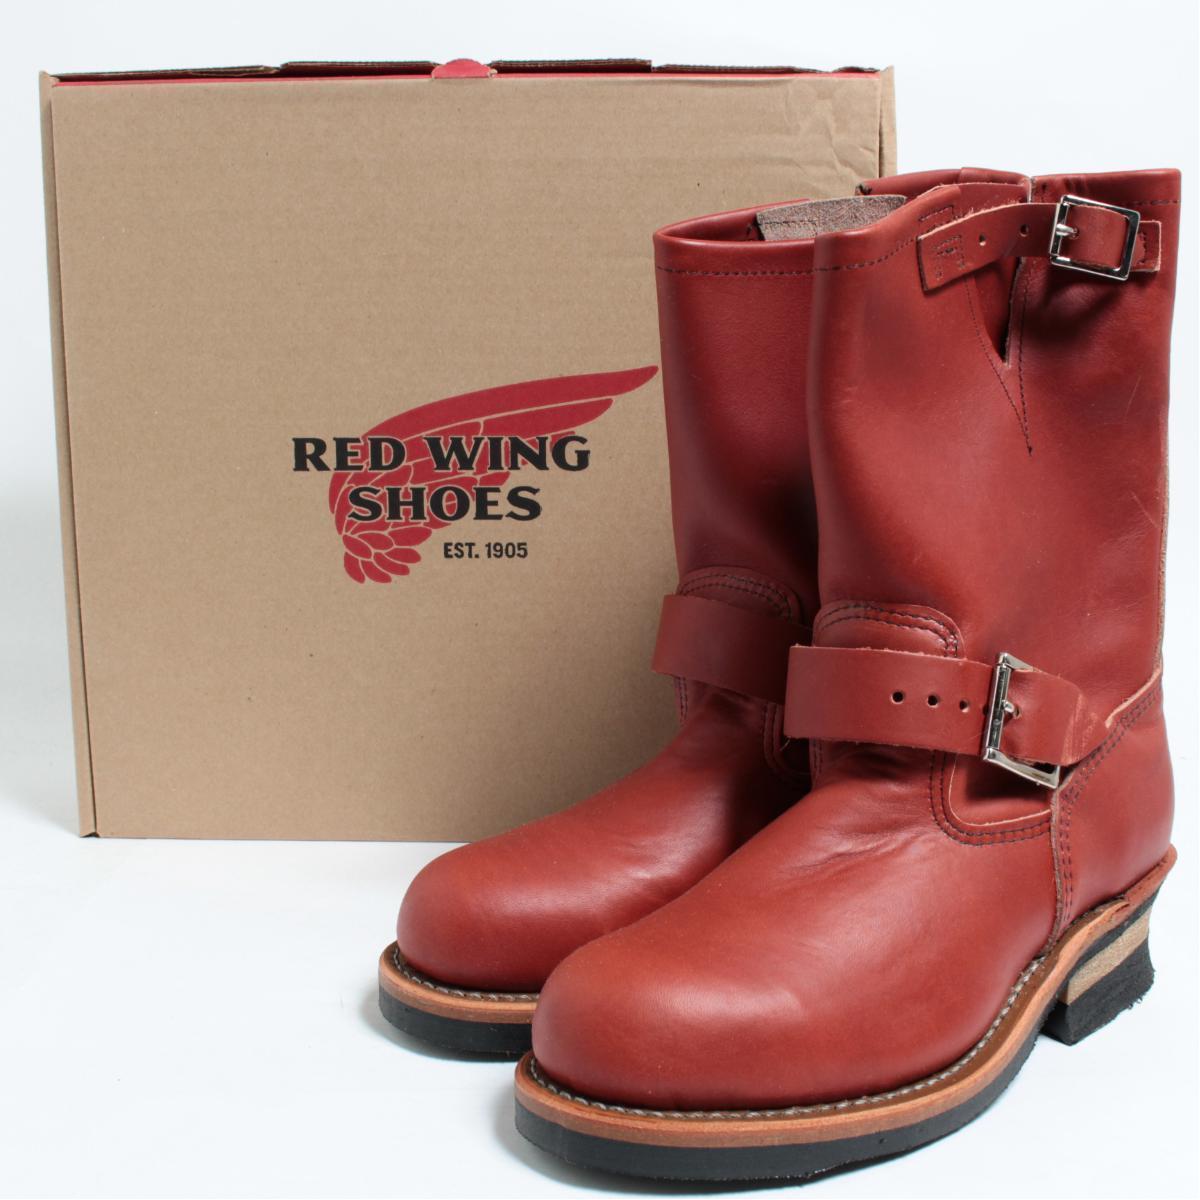 レッドウィング RED WING ENGINEER/エンジニア/8271 エンジニアブーツ USA製 5.5D レディース23.5cm /bol7975 【アウトレット】 【190702】